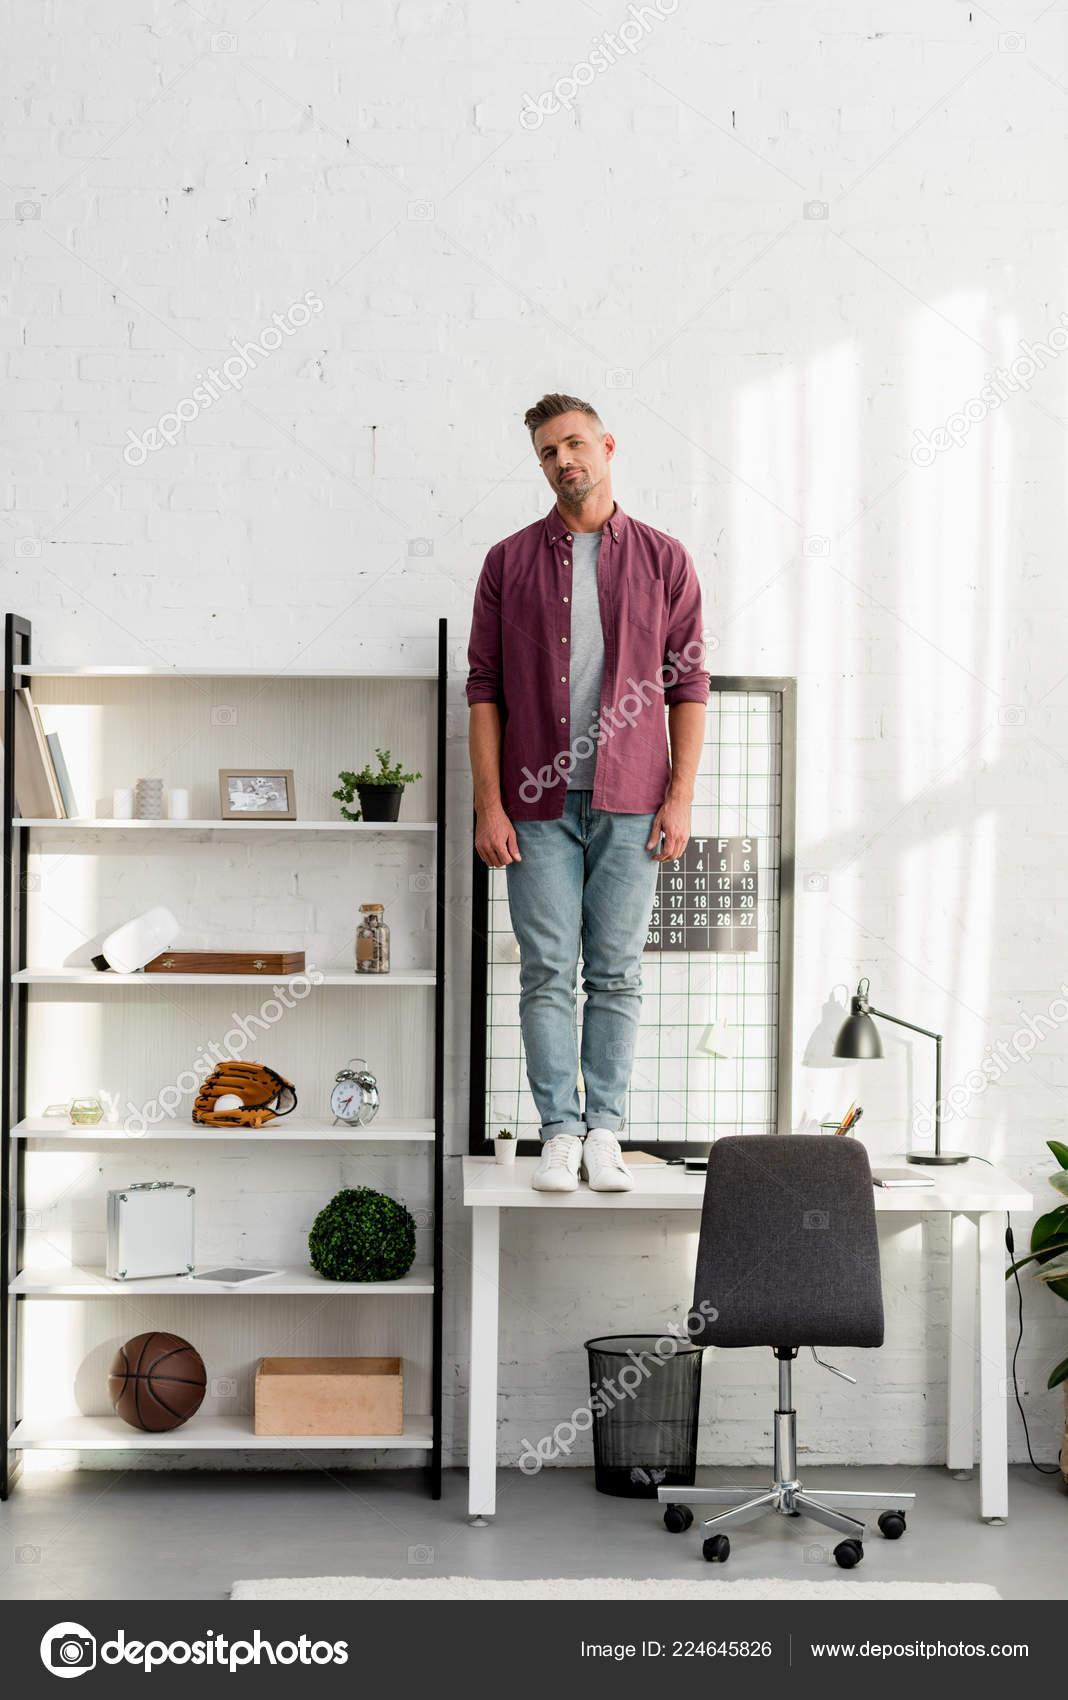 Mann Mit Mude Gesicht Buro Hause Auf Tisch Stehend Stockfoto